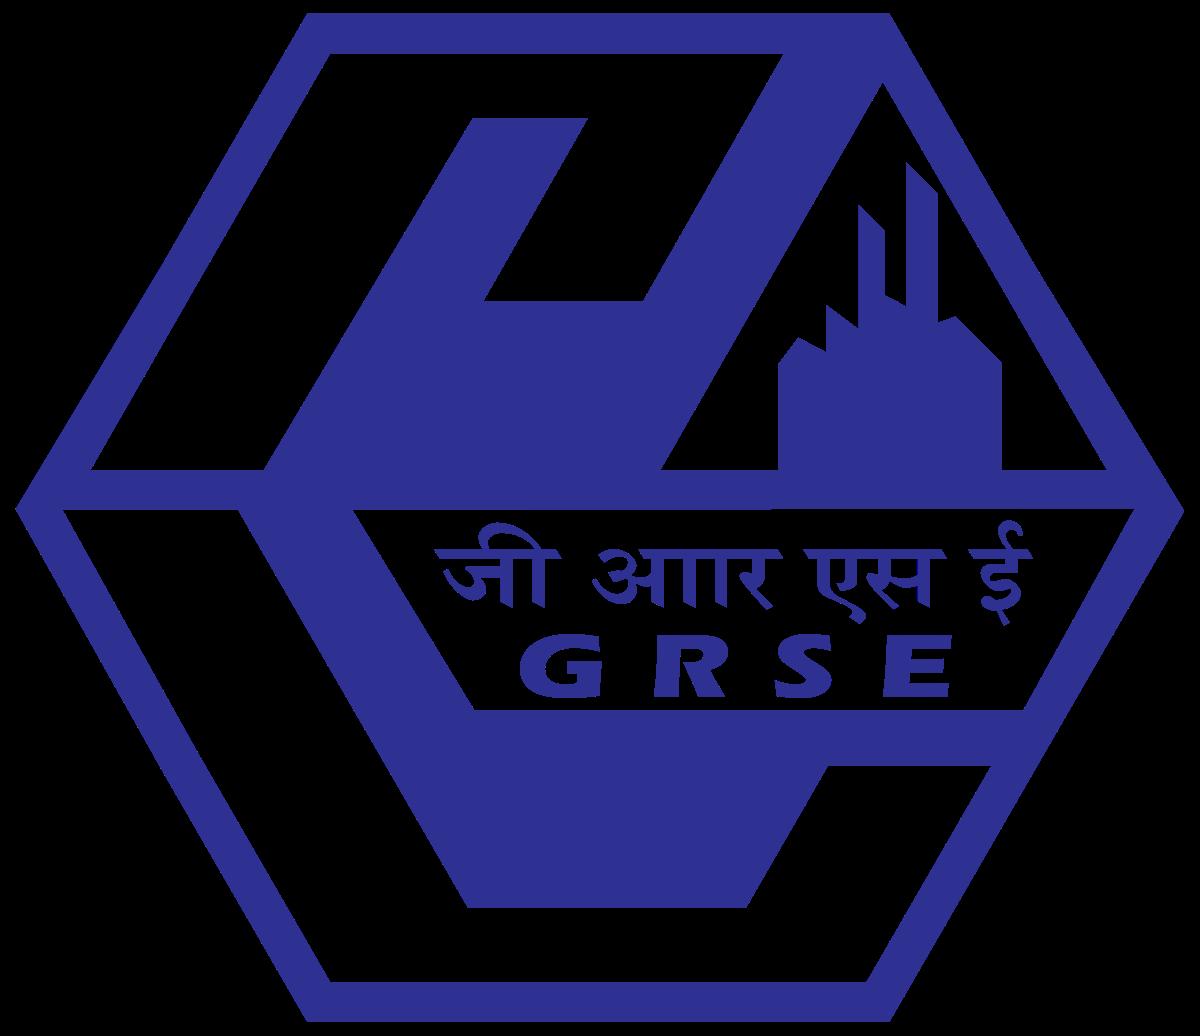 GRSE गार्डन रीच शिपबिल्डर्स एंड इंजीनियर्स लिमिटेड द्वारा 06 HR ट्रेनी रिक्ति 2021 के पद के लिए आवेदन आमंत्रित करता है